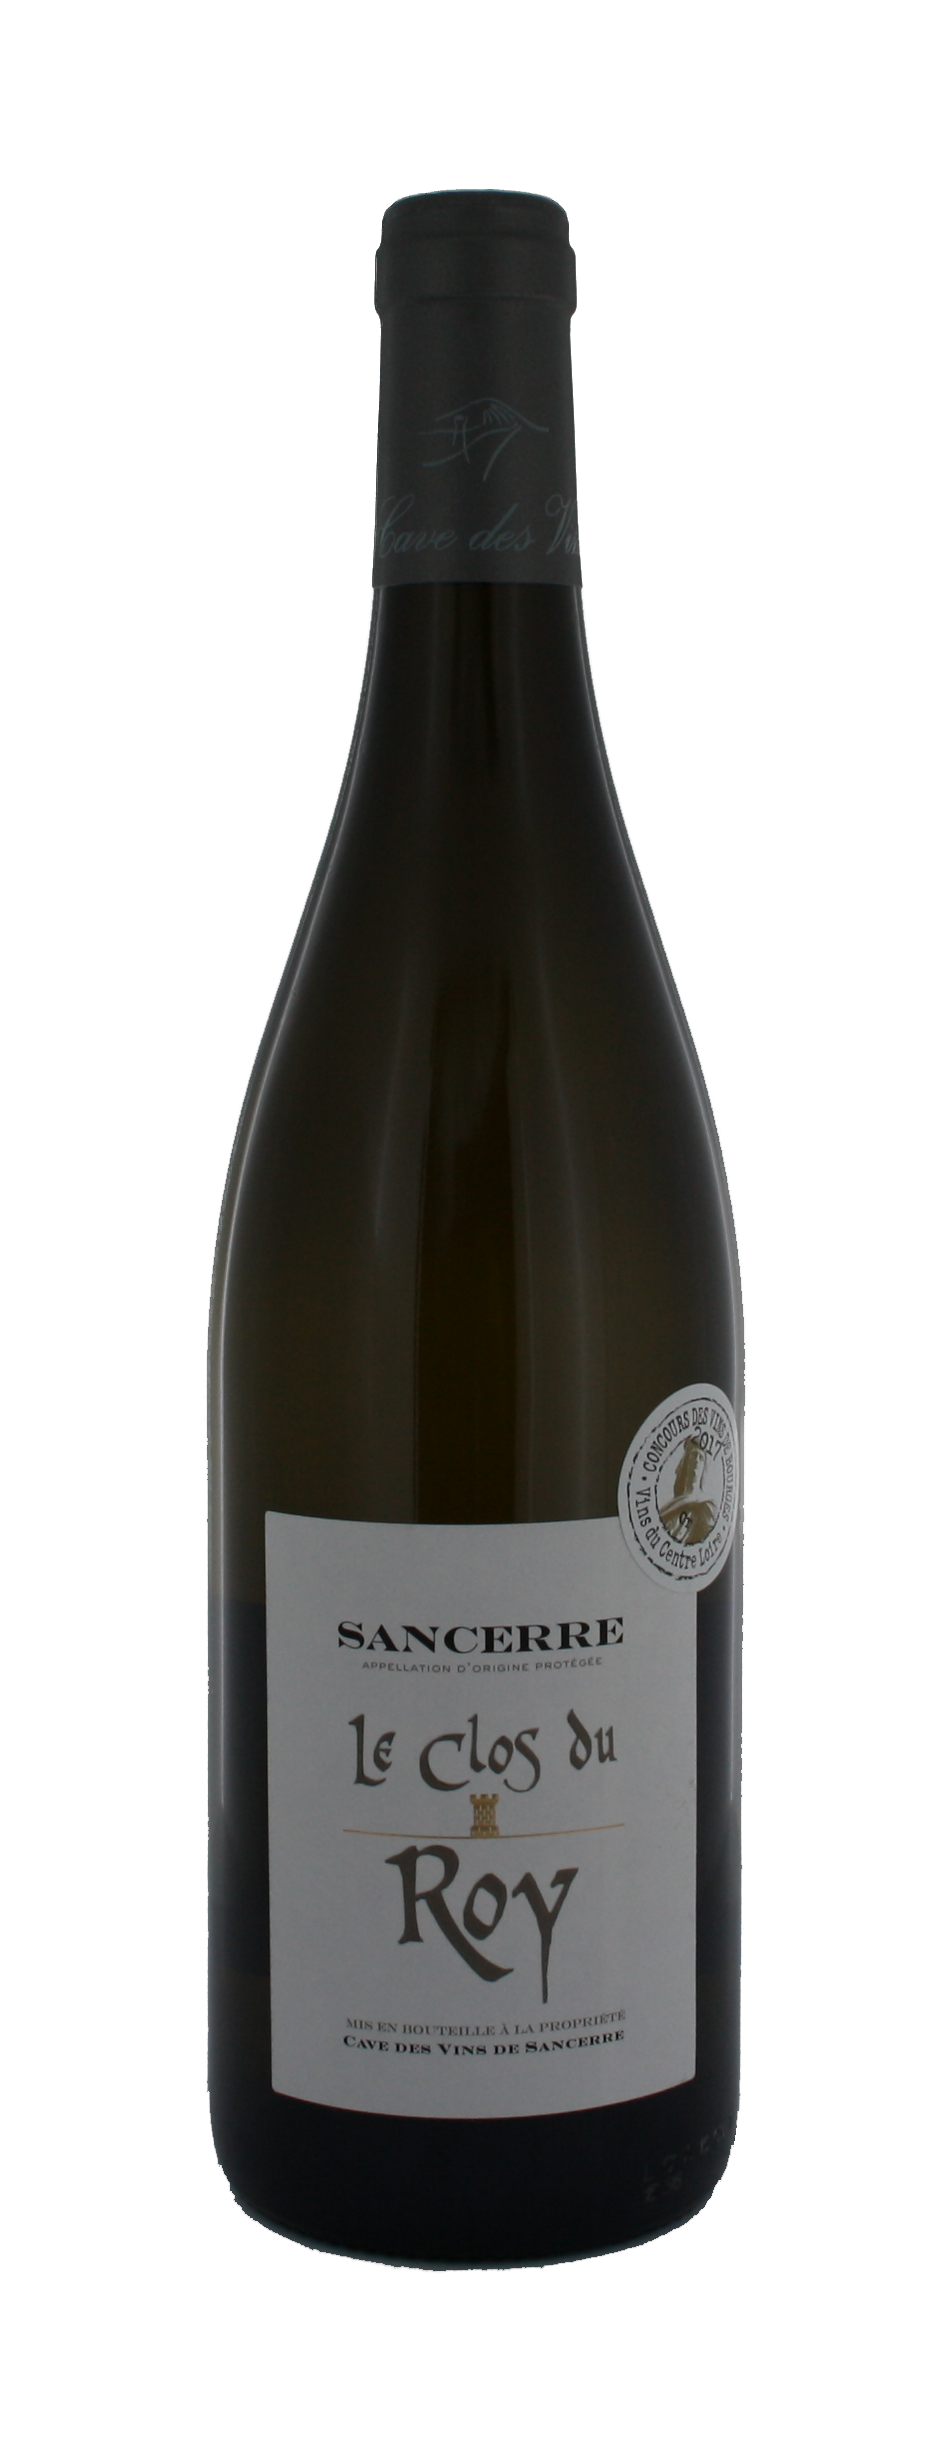 Sancerre Blanc AOC 2016 - Le Clos du Roy